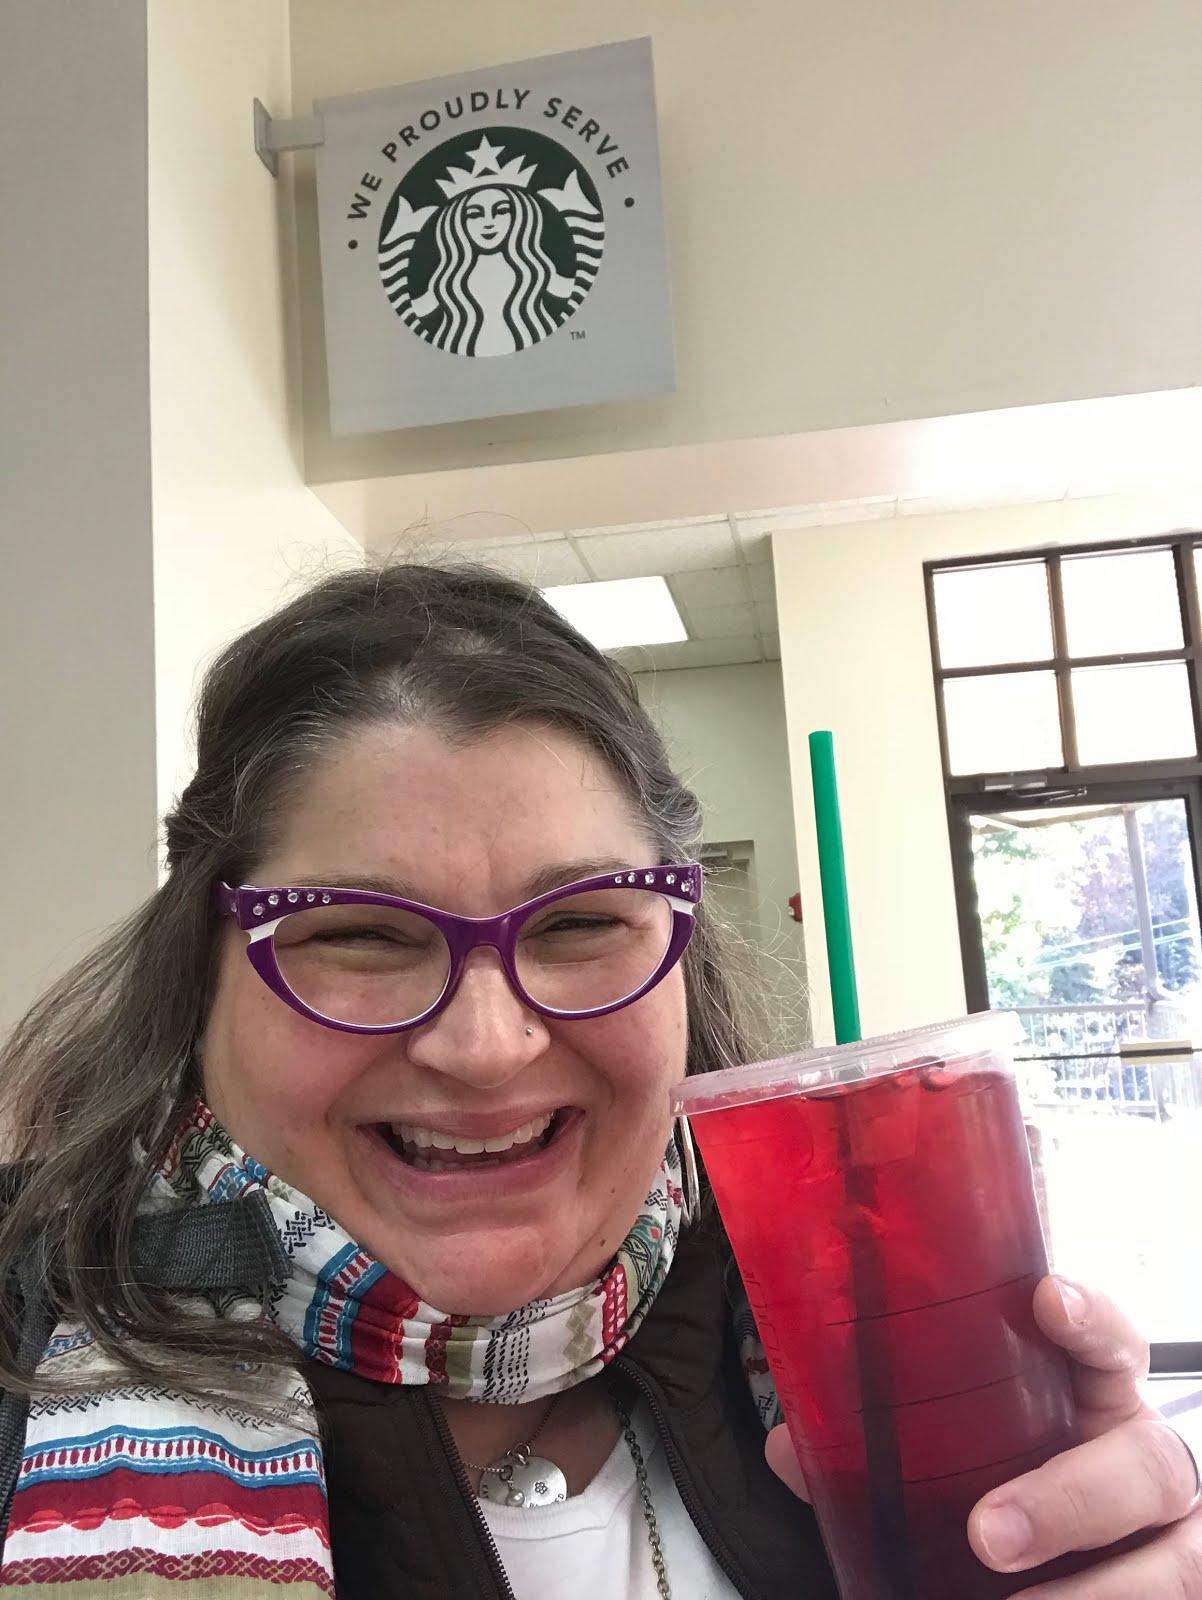 2017 Toccoa Falls Campus, Starbucks